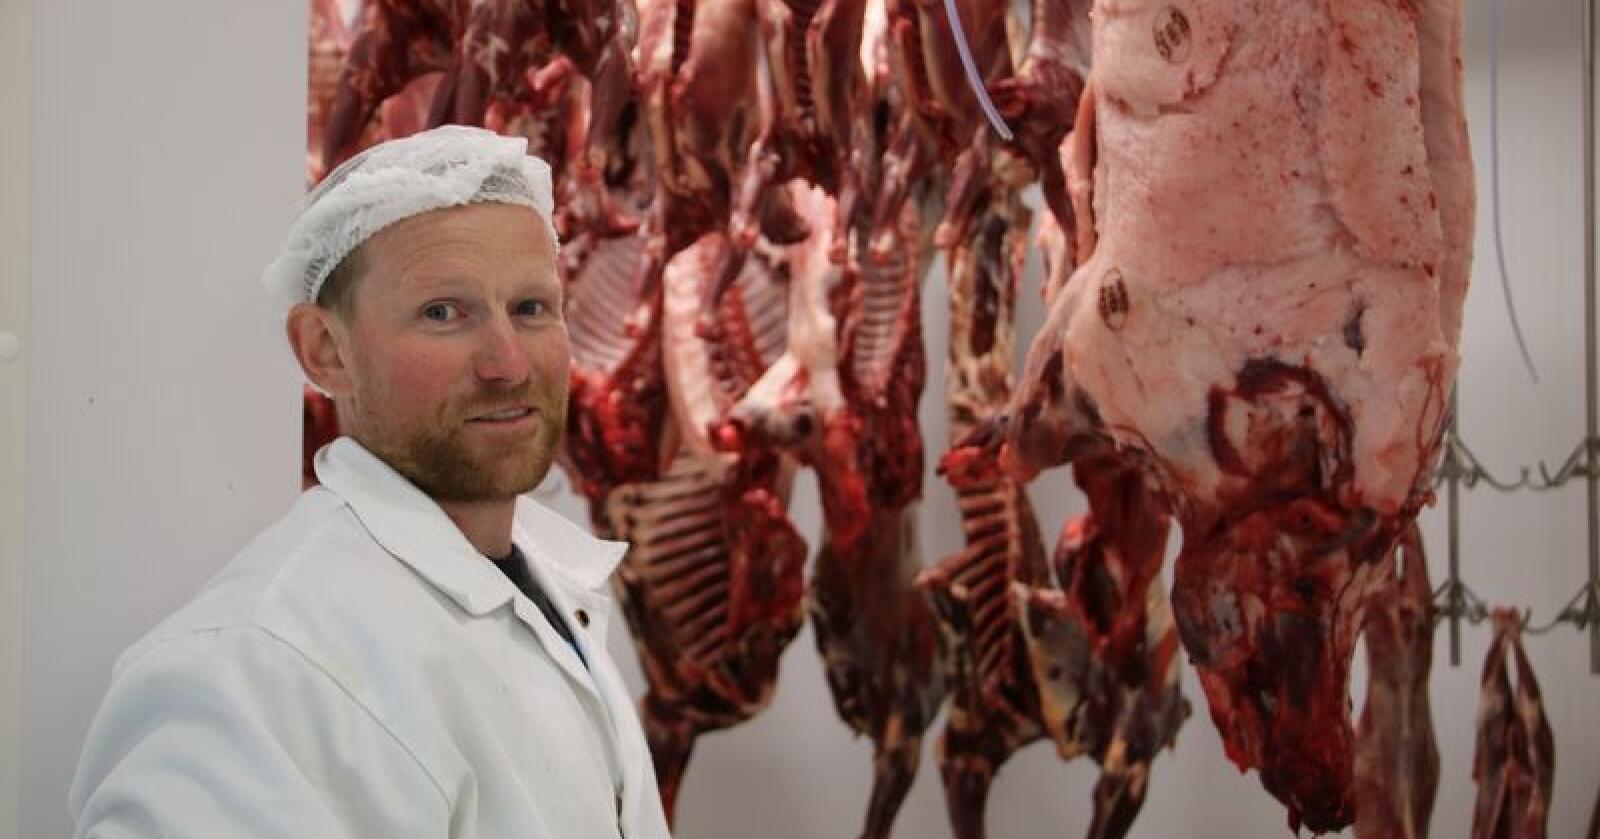 Lars Ingvald Folkedal har lange arbeidsdagar. Han driv både slakteri og sagbruk på garden i Folkedal, i tillegg driv han og kona gardsbutikk. (Foto: Karl Erik Berge)